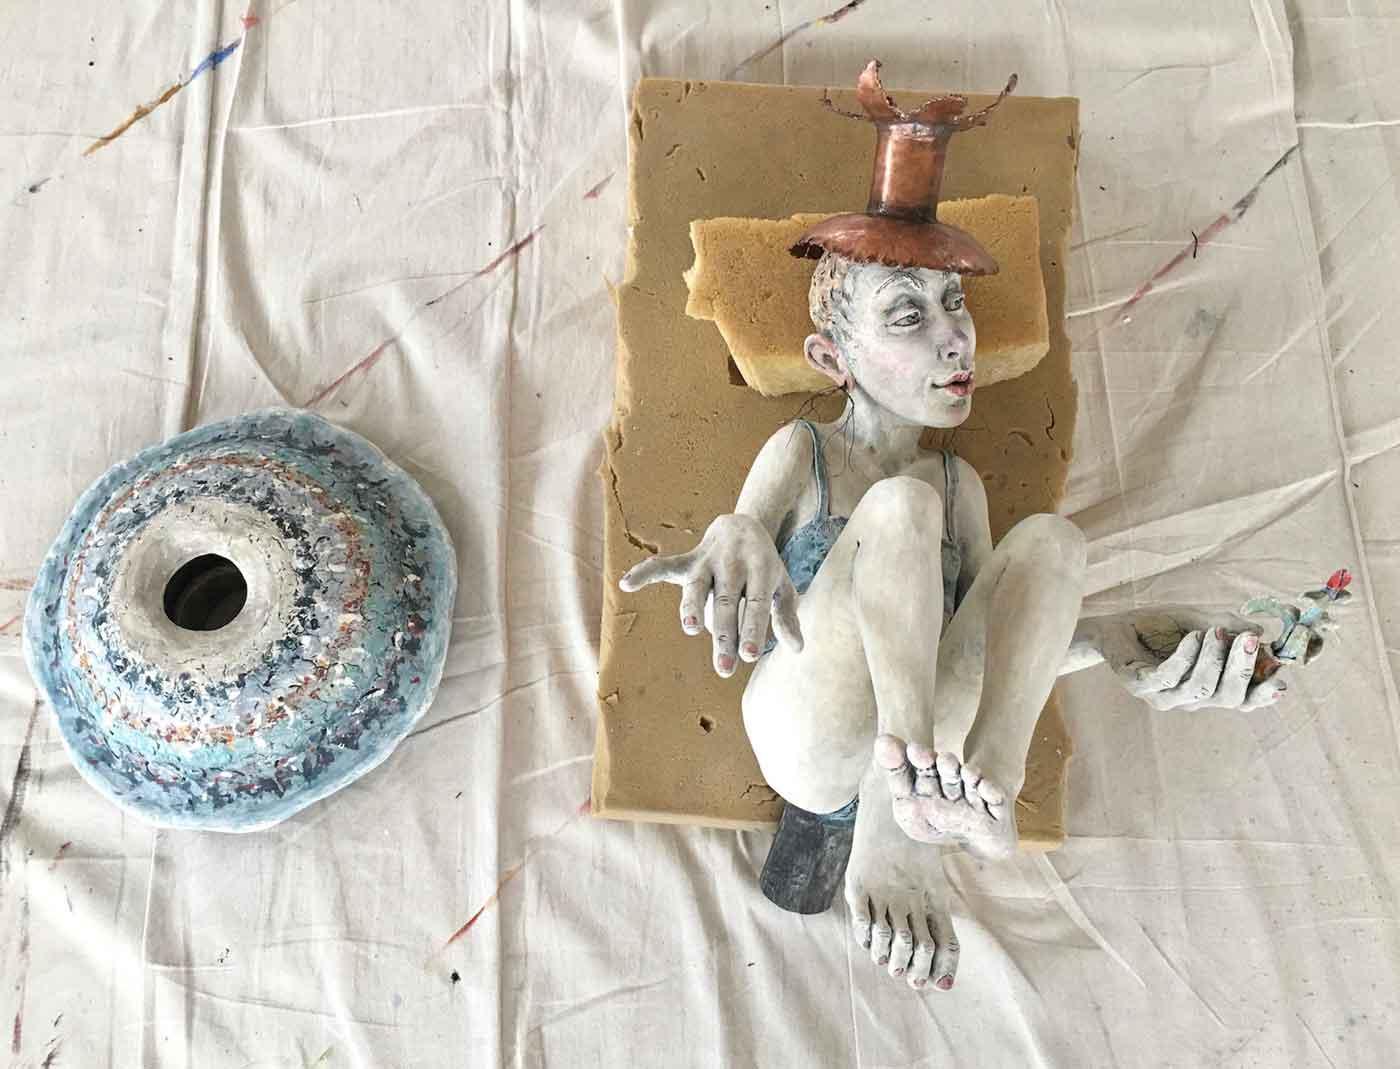 Porcelain sculpture by Gretel Boose